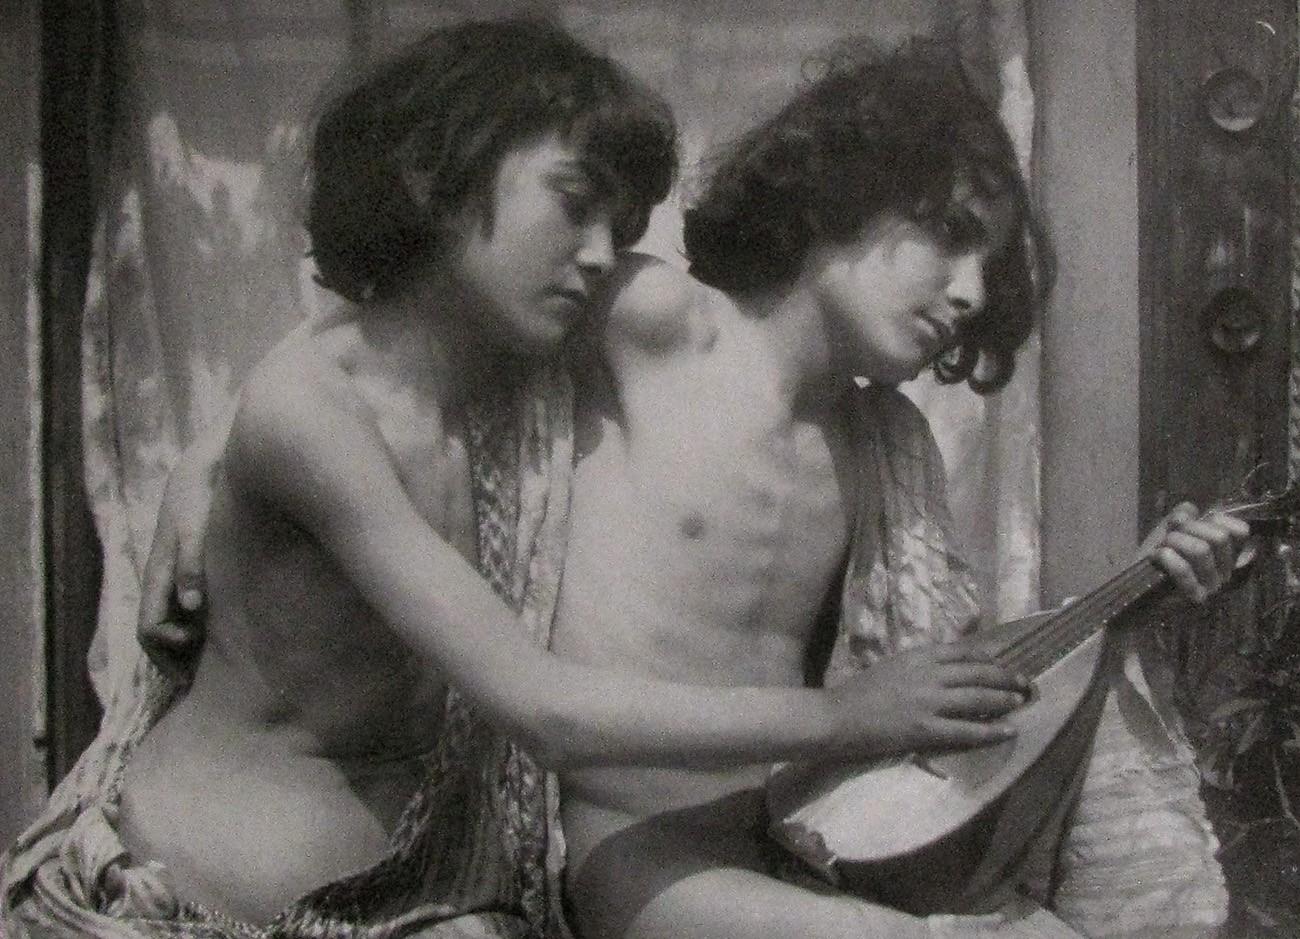 Die Kunst in der Photographie  1901  PhotoSeed